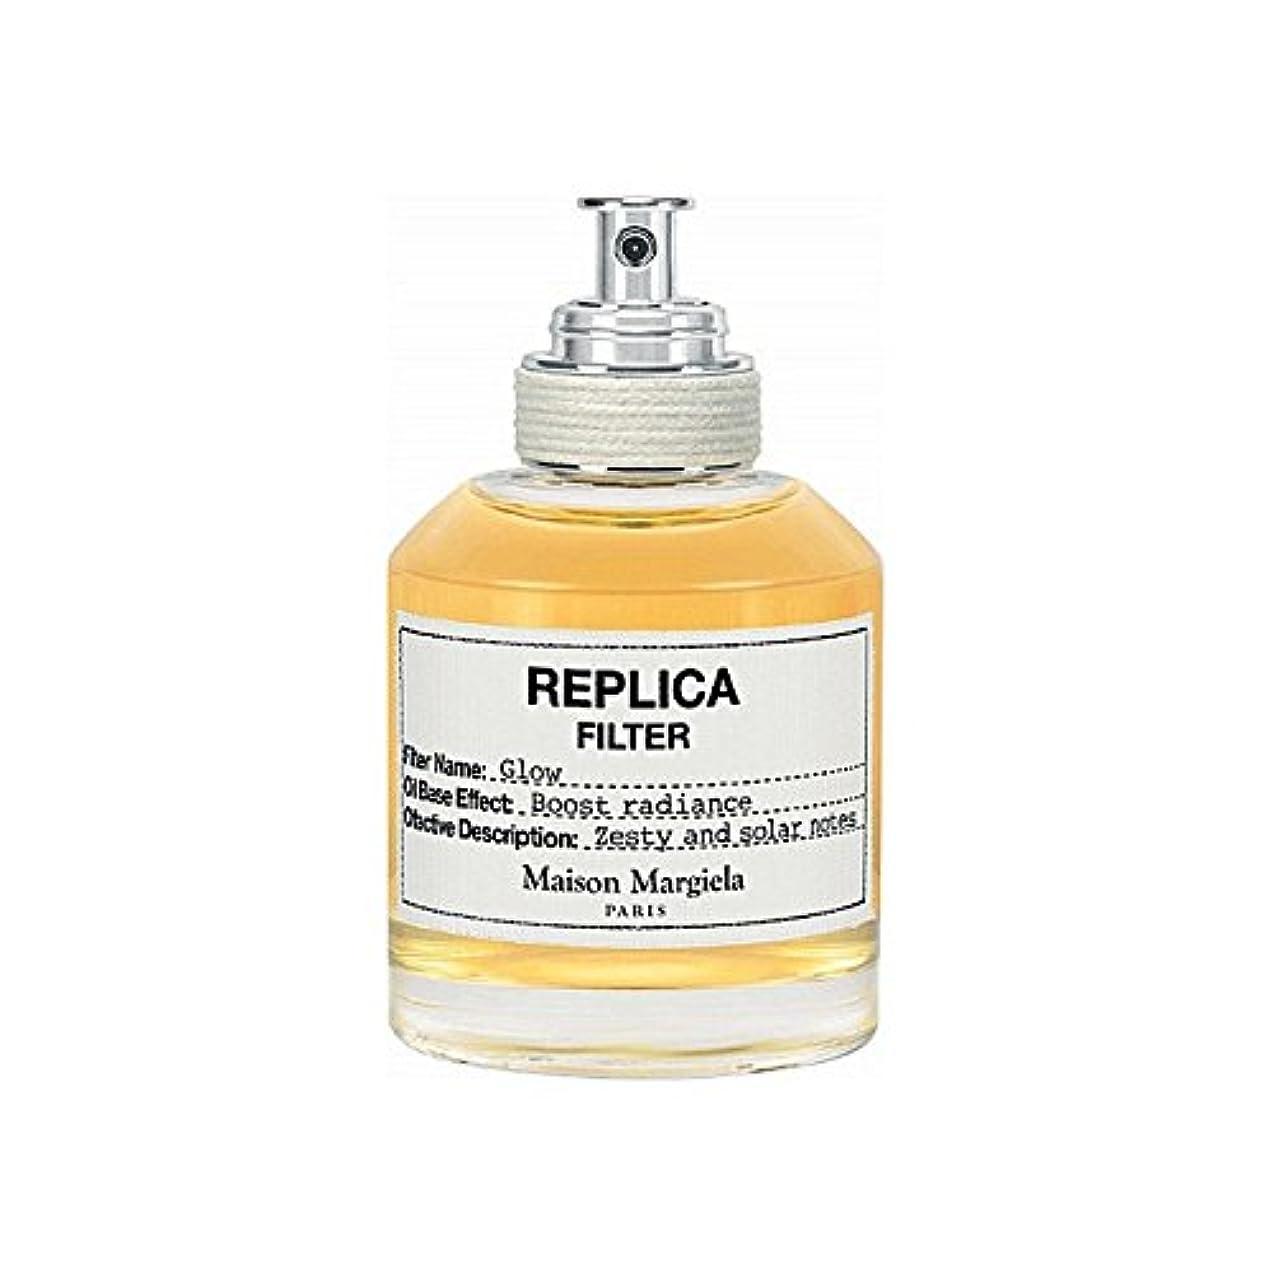 フリンジ市民州Maison Margiela Glow Replica Filter 50ml - メゾンマルジェラグローレプリカフィルタ50ミリリットル [並行輸入品]